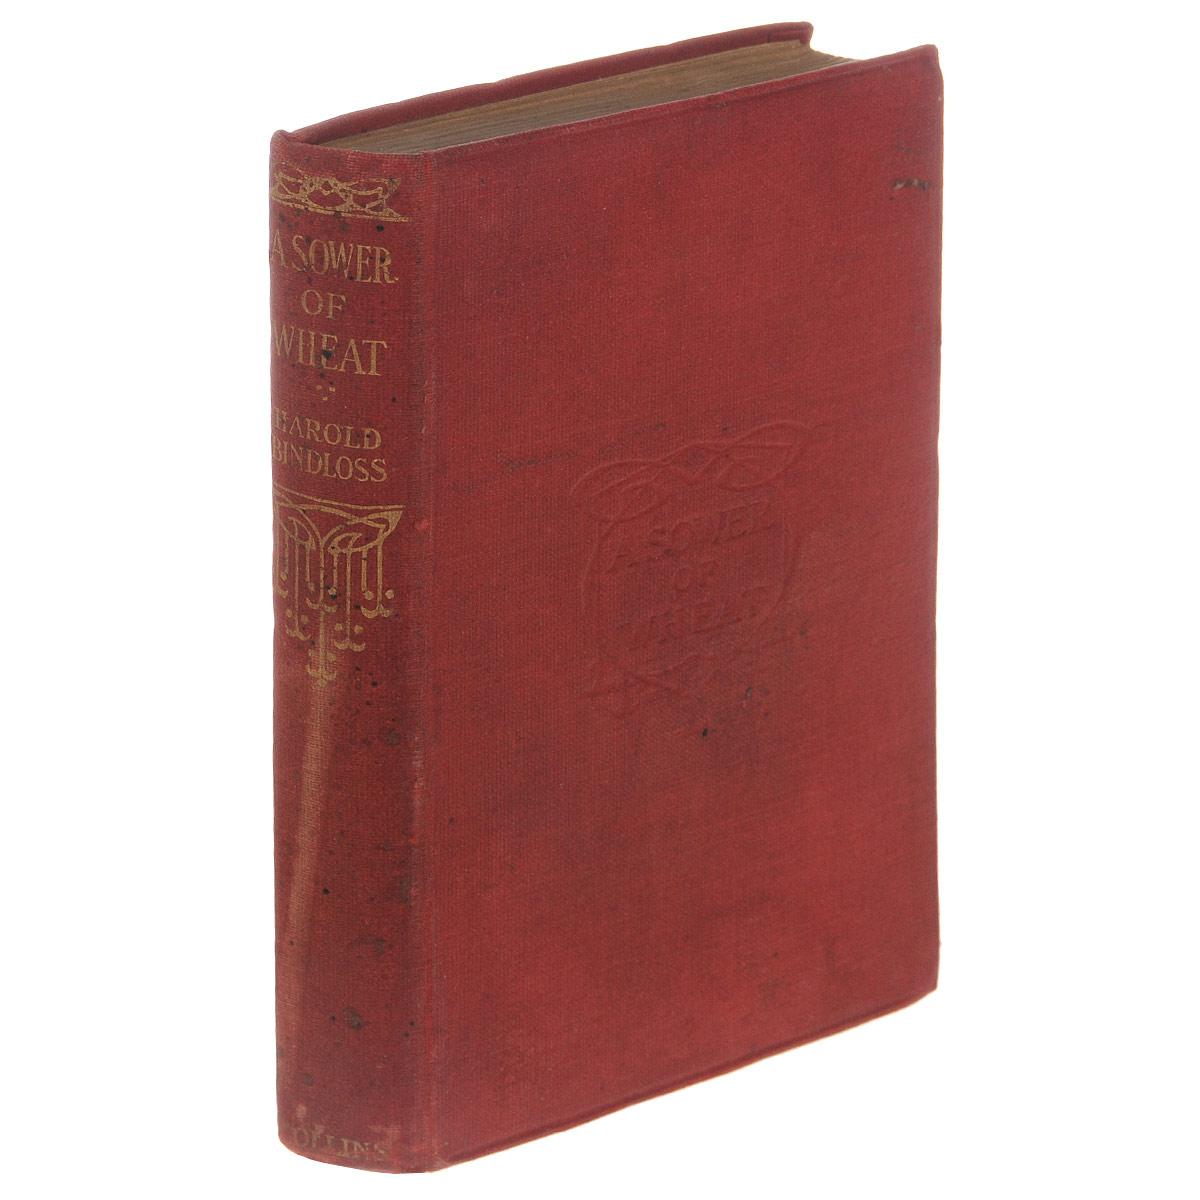 A Sower of Wheat0120710London and Glasgow, 1917. Collins Clear - Type Press. Издательский переплет, сохранность хорошая, на обложке потертости и пятна. Вашему вниманию предлагается книга A Sower of Wheat.